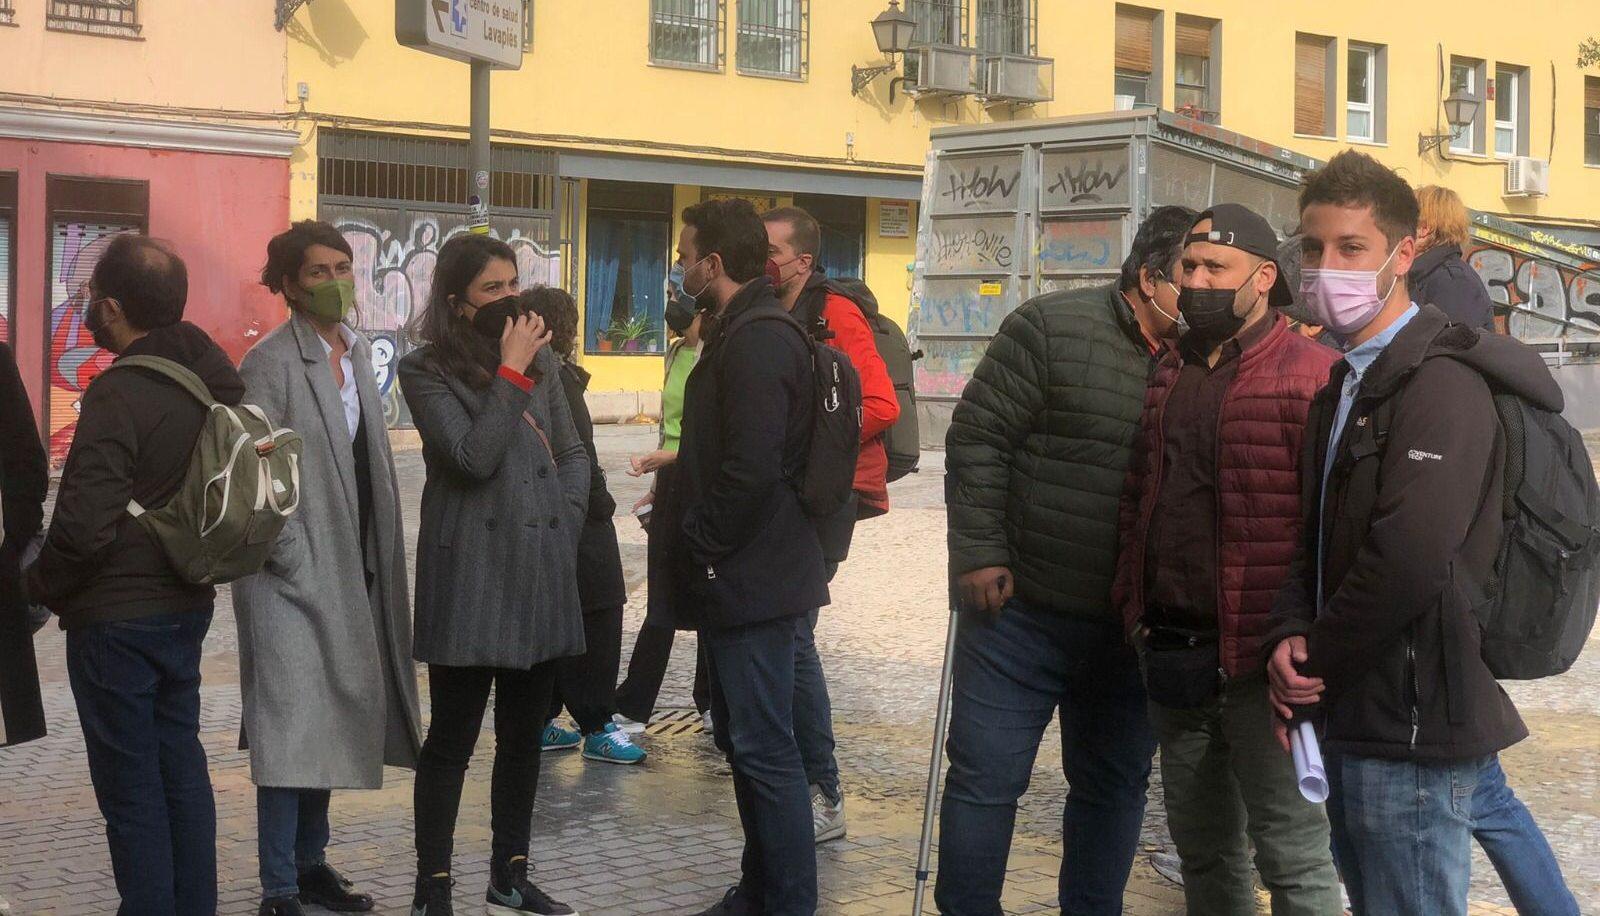 স্পেনে আঞ্চলিক নির্বাচনে বাংলাদেশীদের সমর্থন আদায়ে মাস মাদ্রিদের প্রচারণা